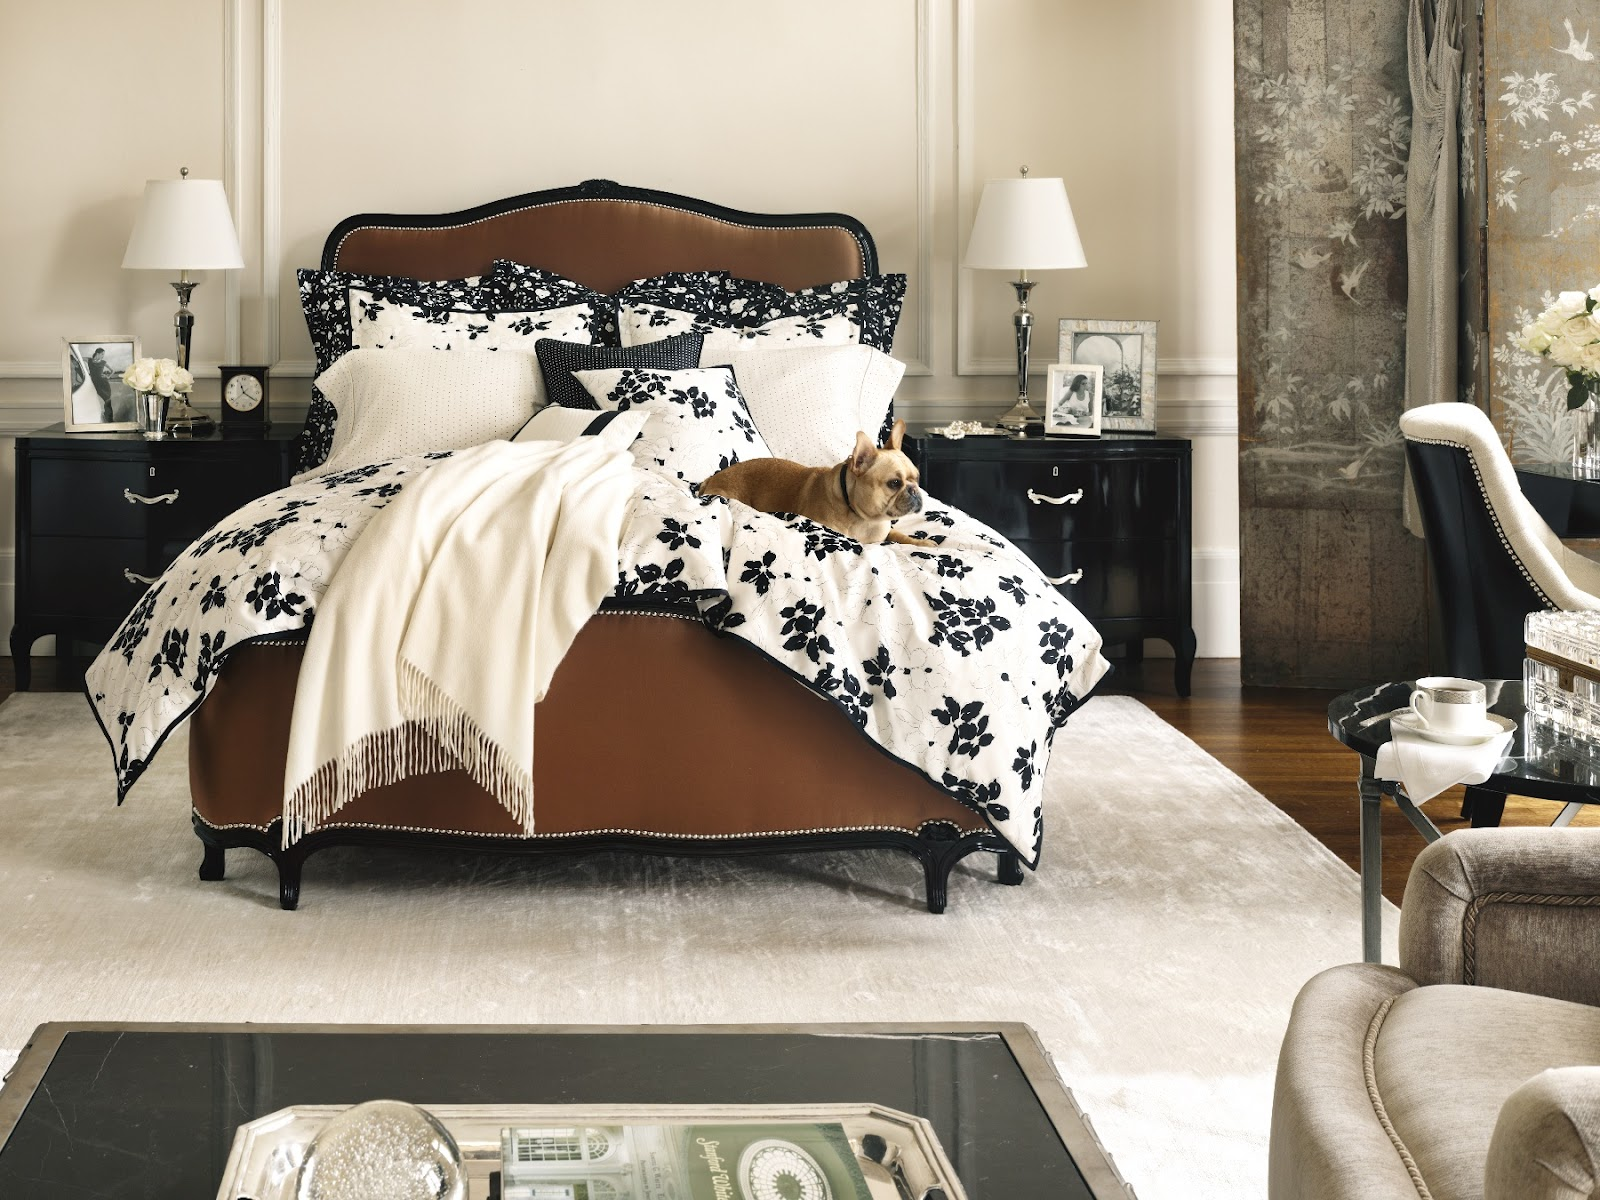 information about home design giveaway lauren ralph. Black Bedroom Furniture Sets. Home Design Ideas